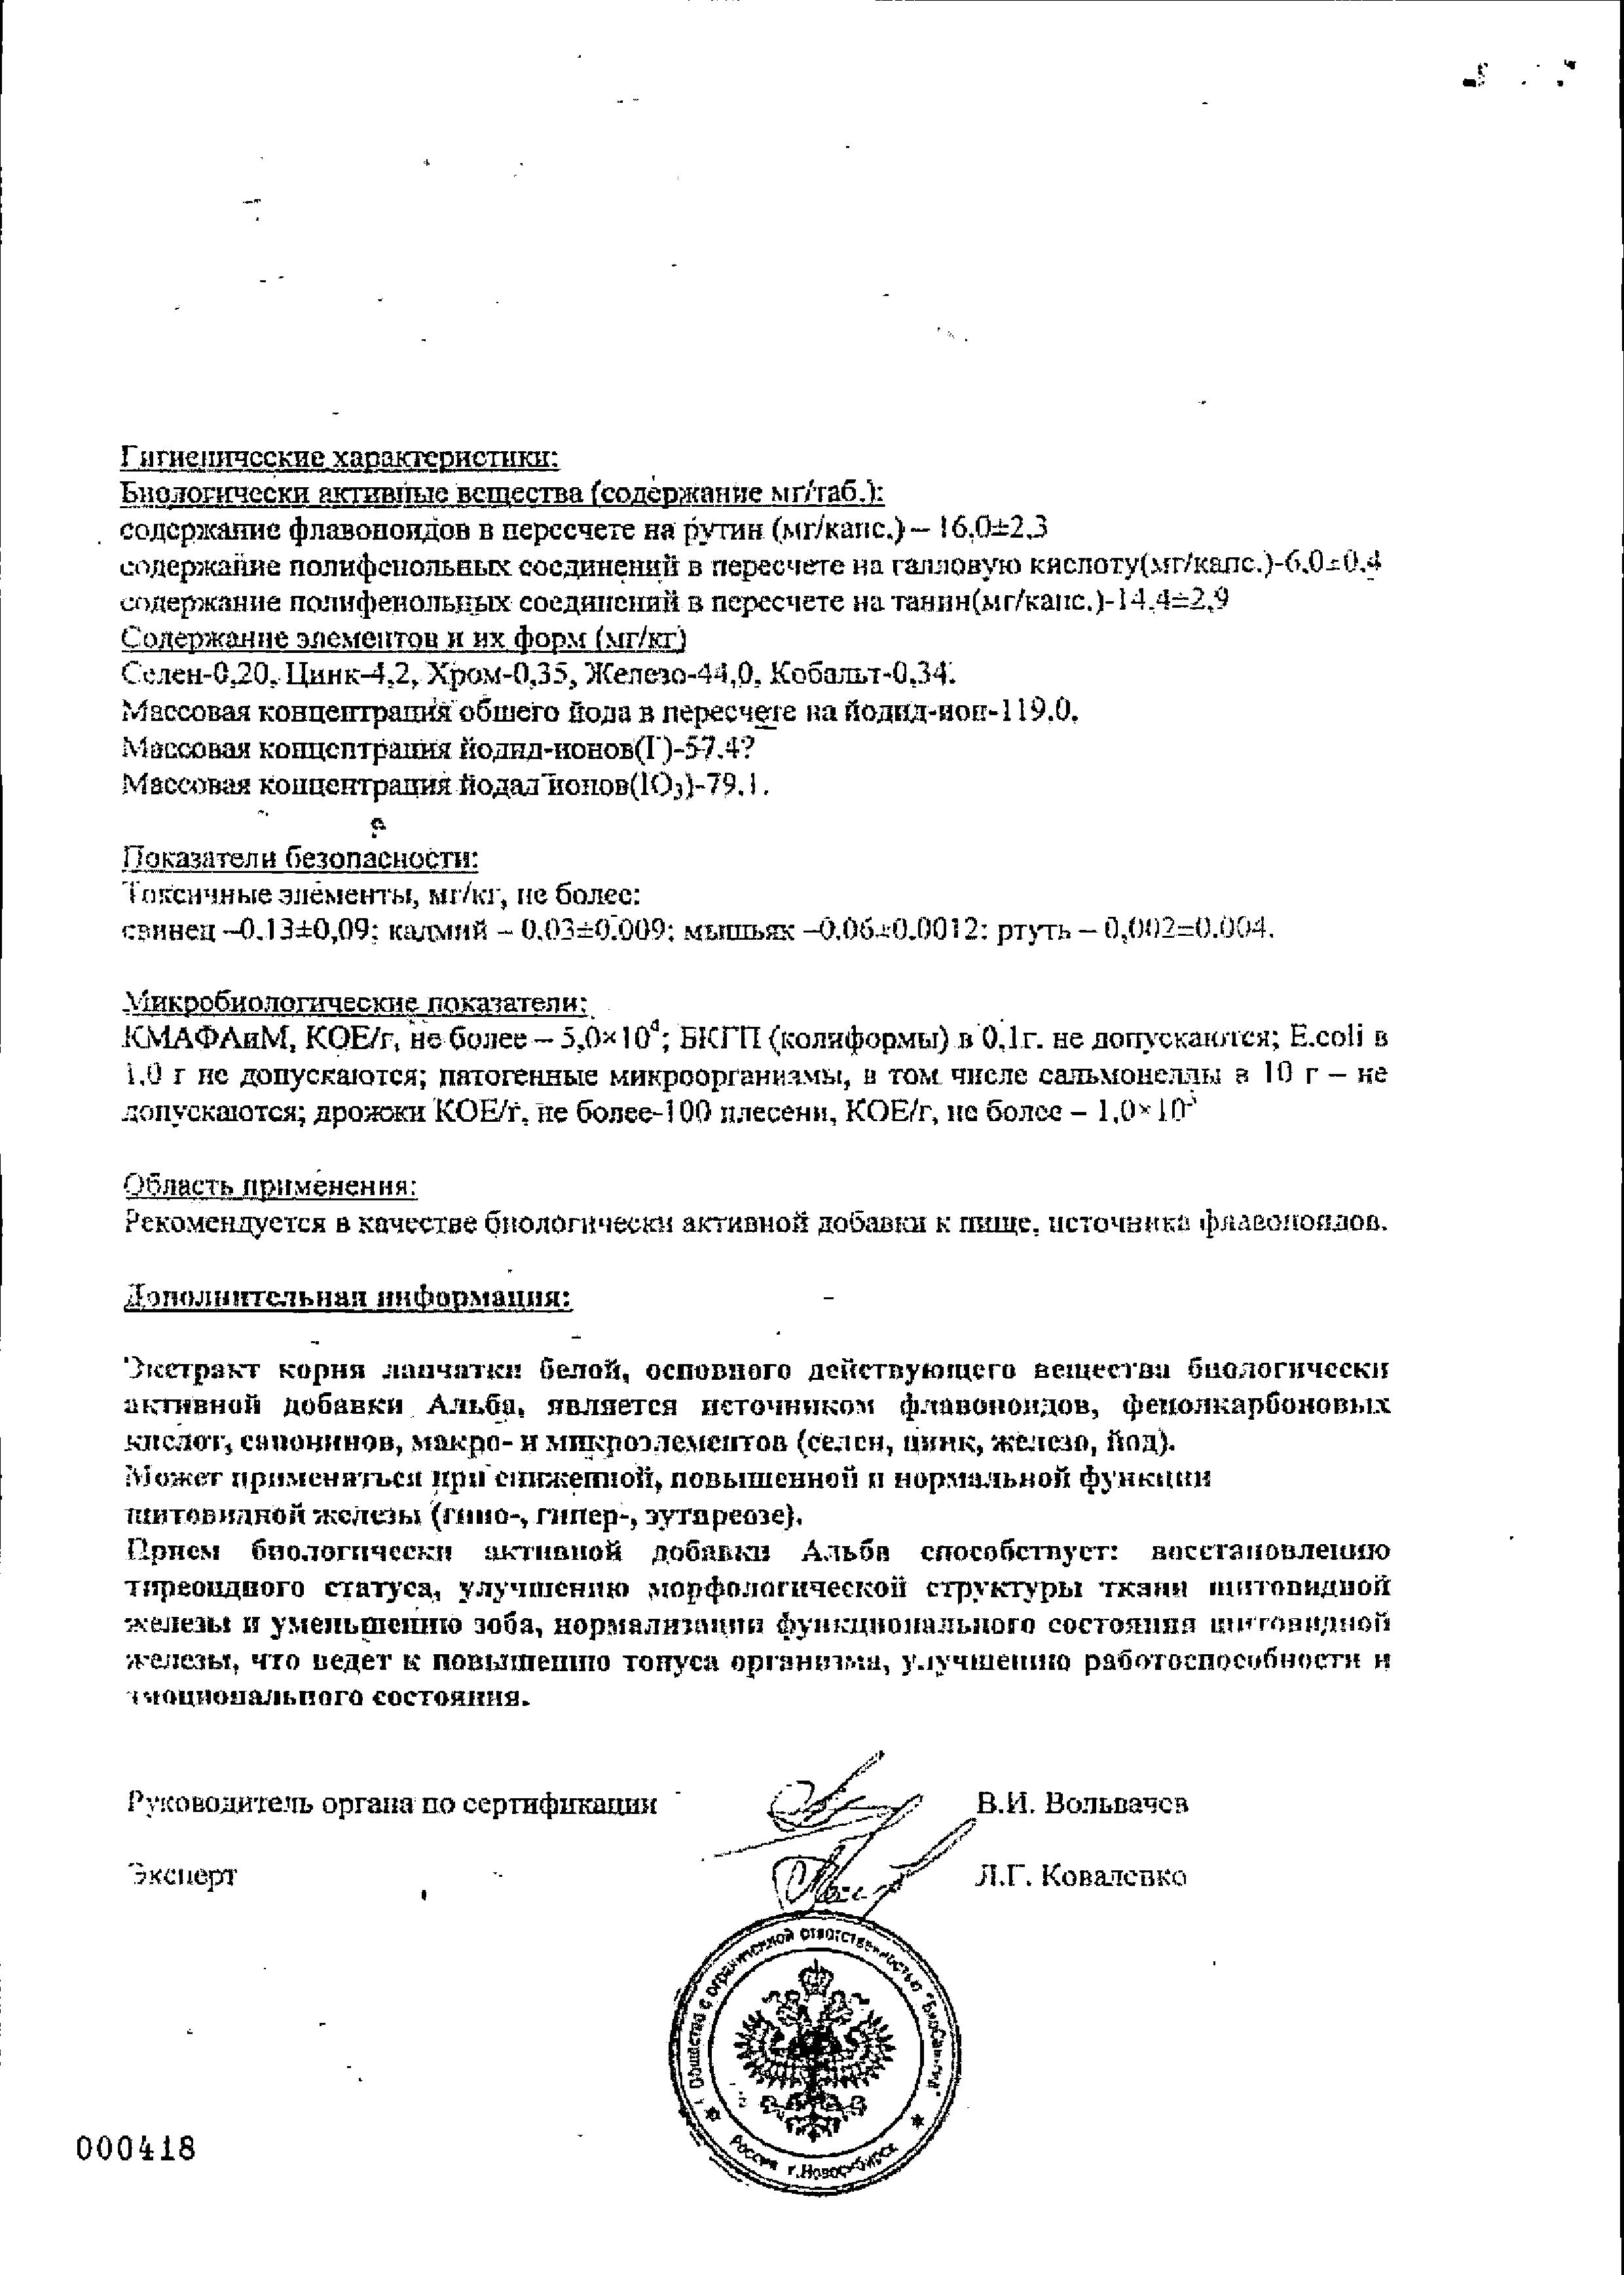 Альба сертификат